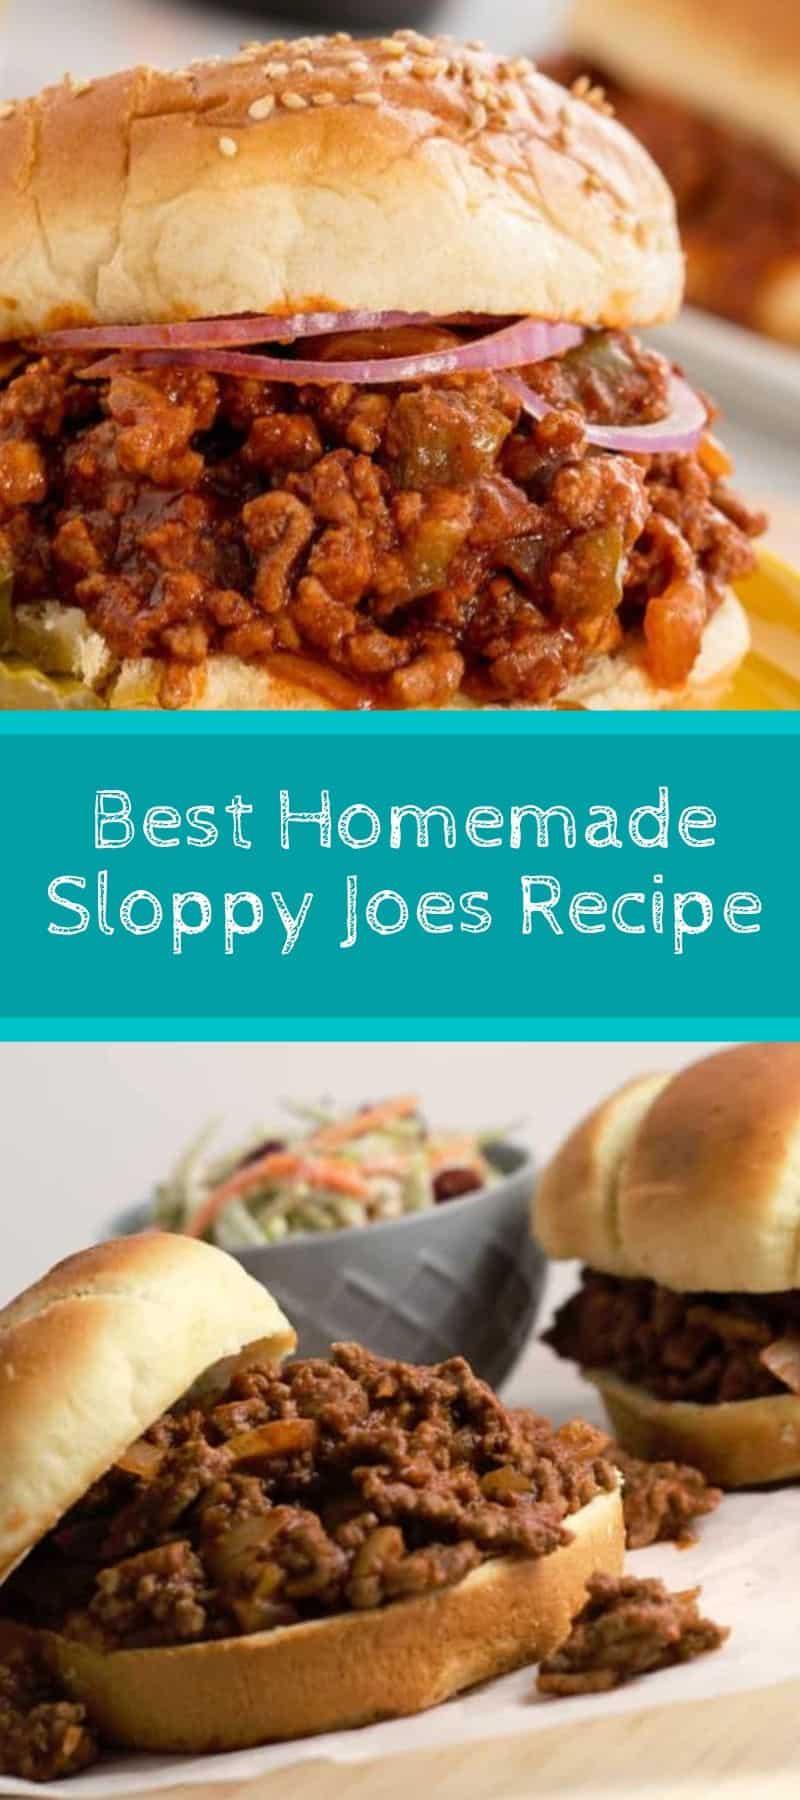 Best Homemade Sloppy Joes Recipe 3